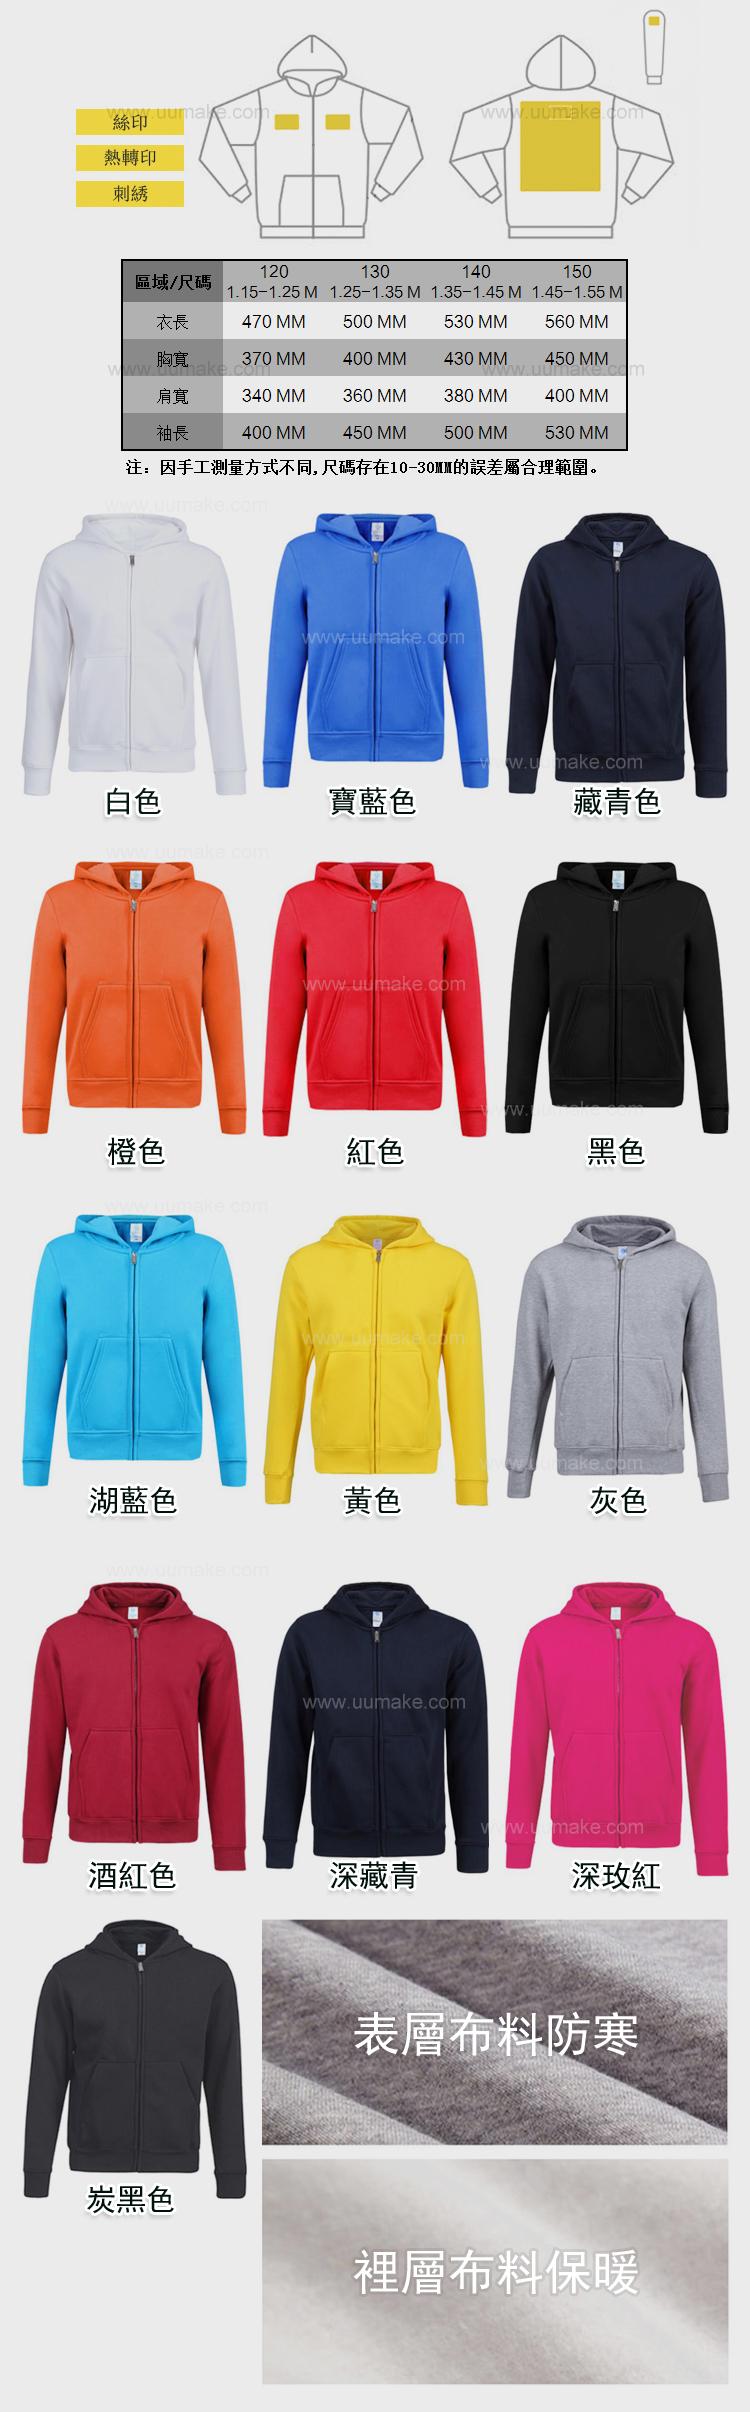 純色圓領T恤,廣告短袖衫,廣告禮品,促銷禮品,贈品,訂造,定做,批發,兒童戴帽拉鏈衛衣